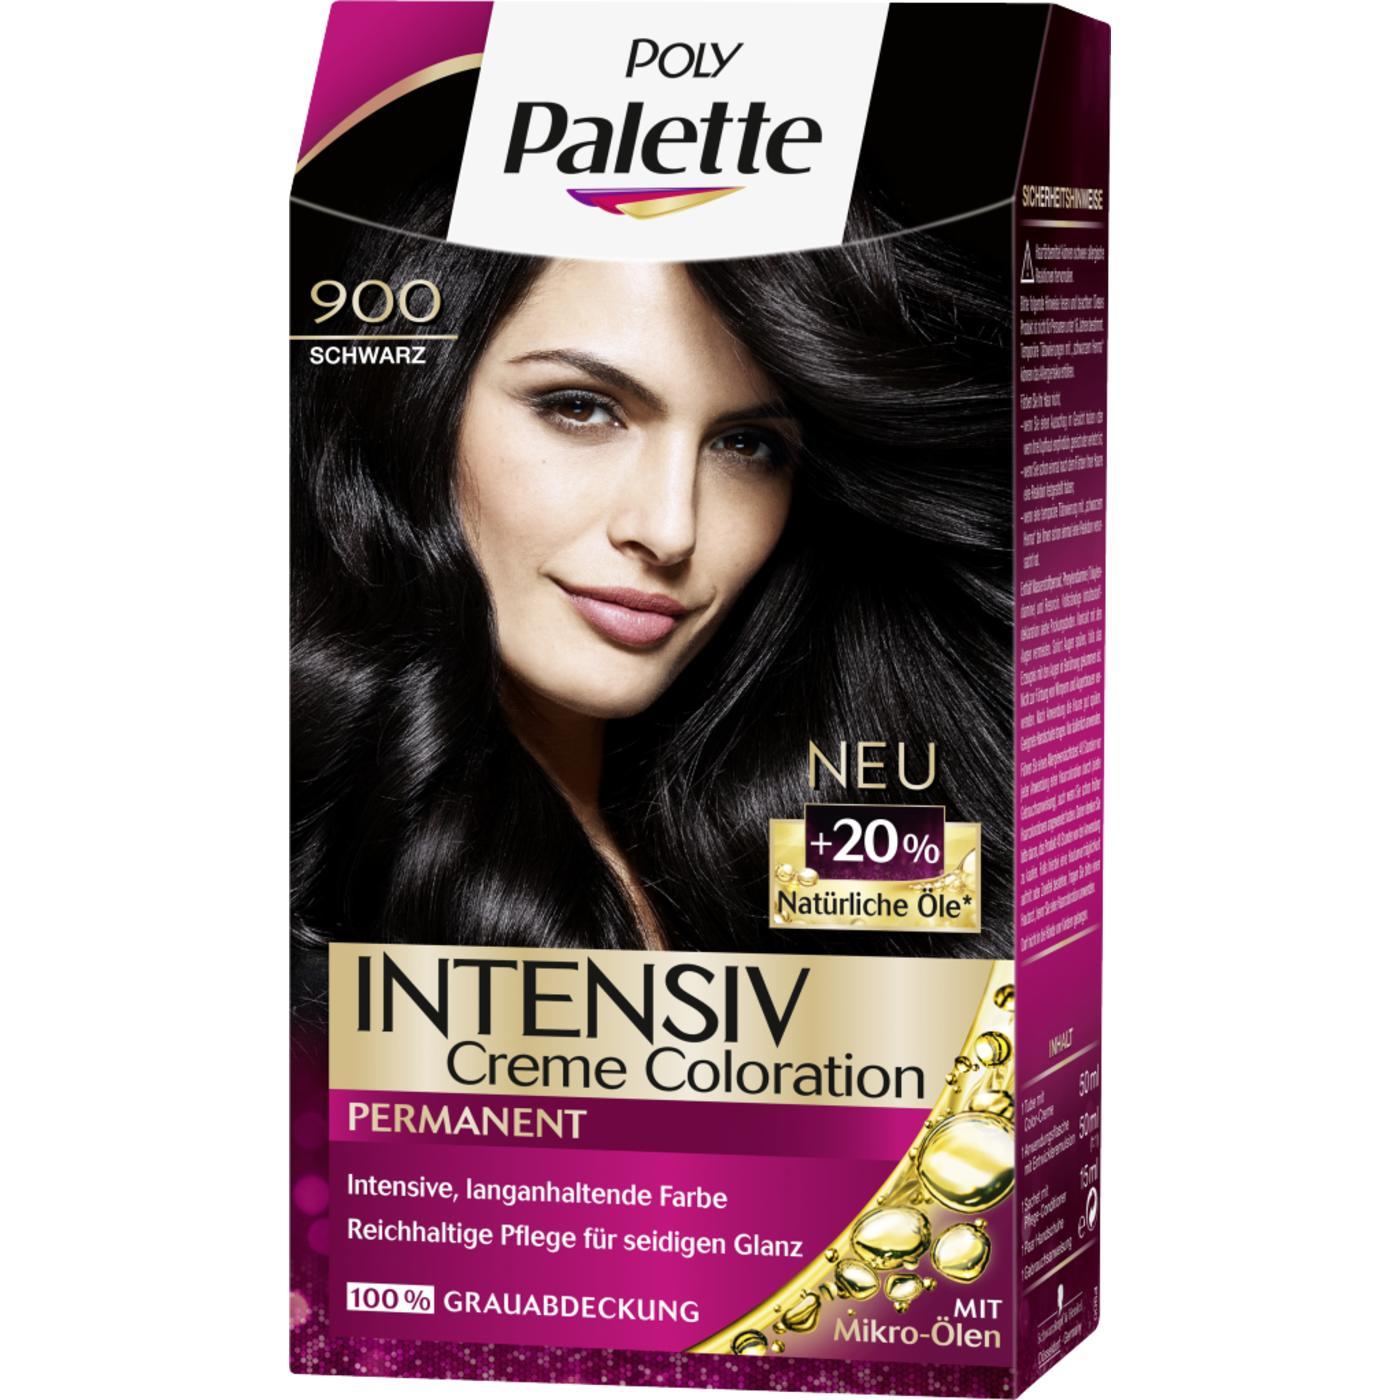 Thuốc nhuộm tóc phủ bạc Poly Palette màu đen